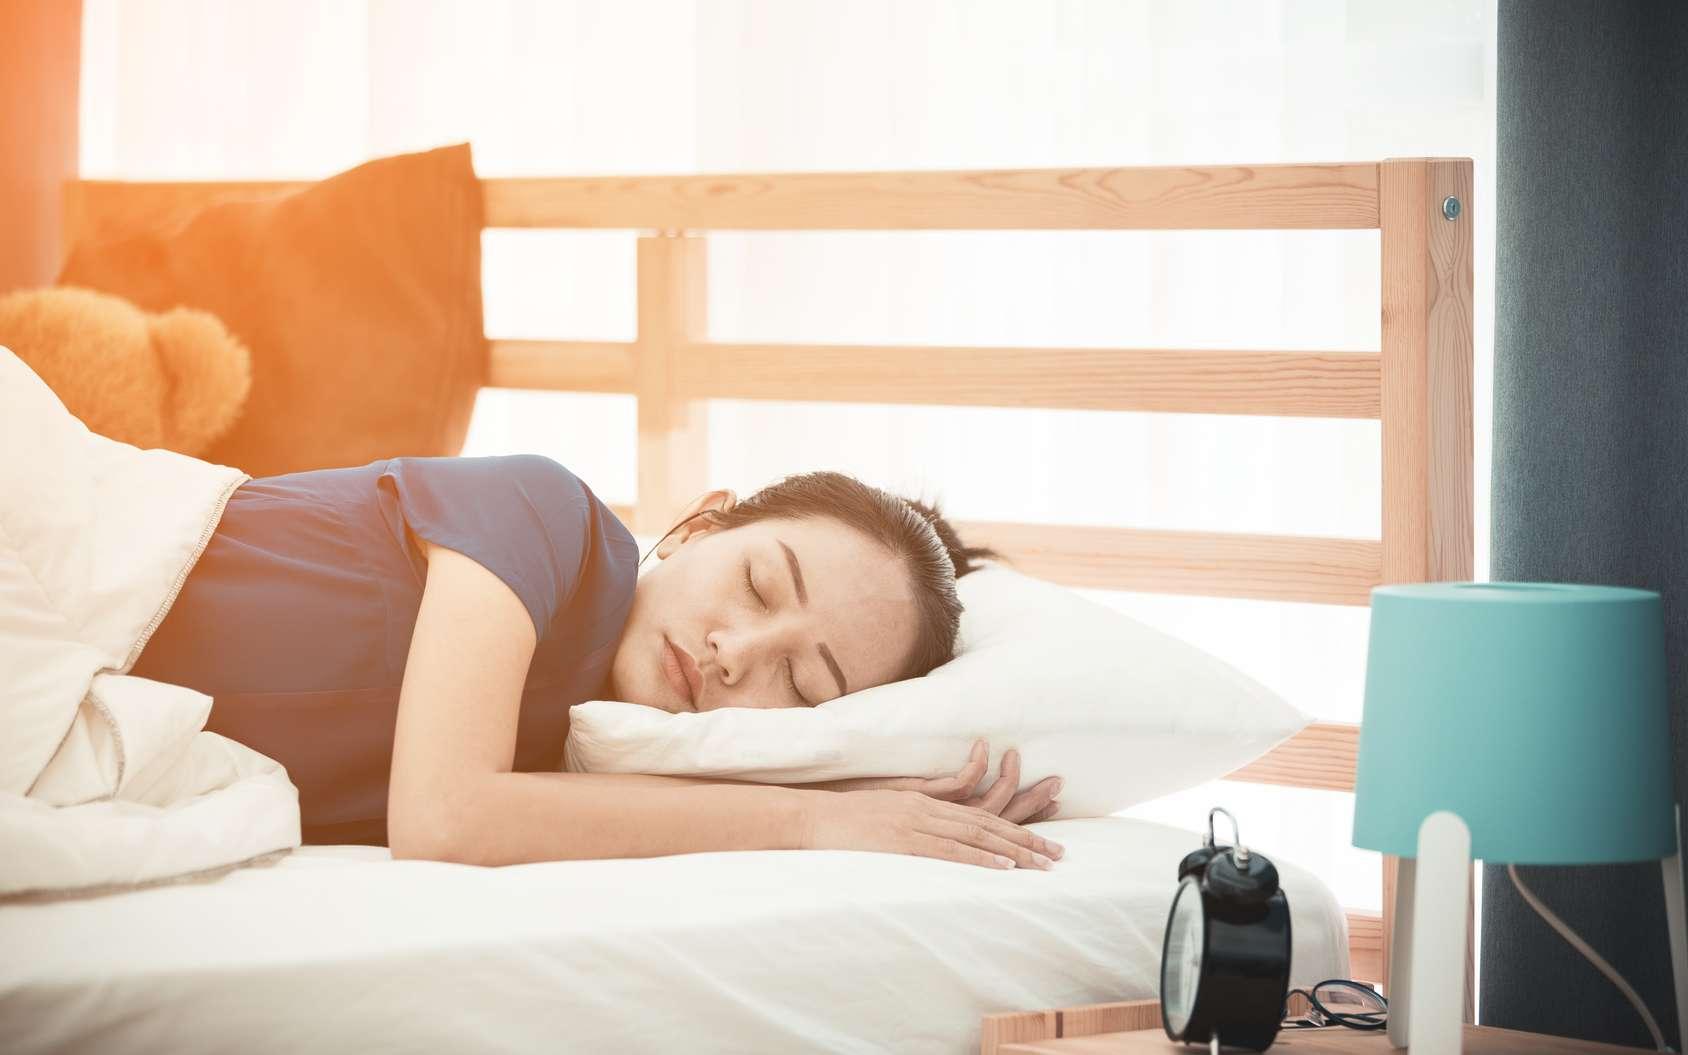 Quand nous dormons, l'activité cérébrale est ralentie, mais pas complètement inexistante, d'où les rêves. © sirikorn, Fotolia